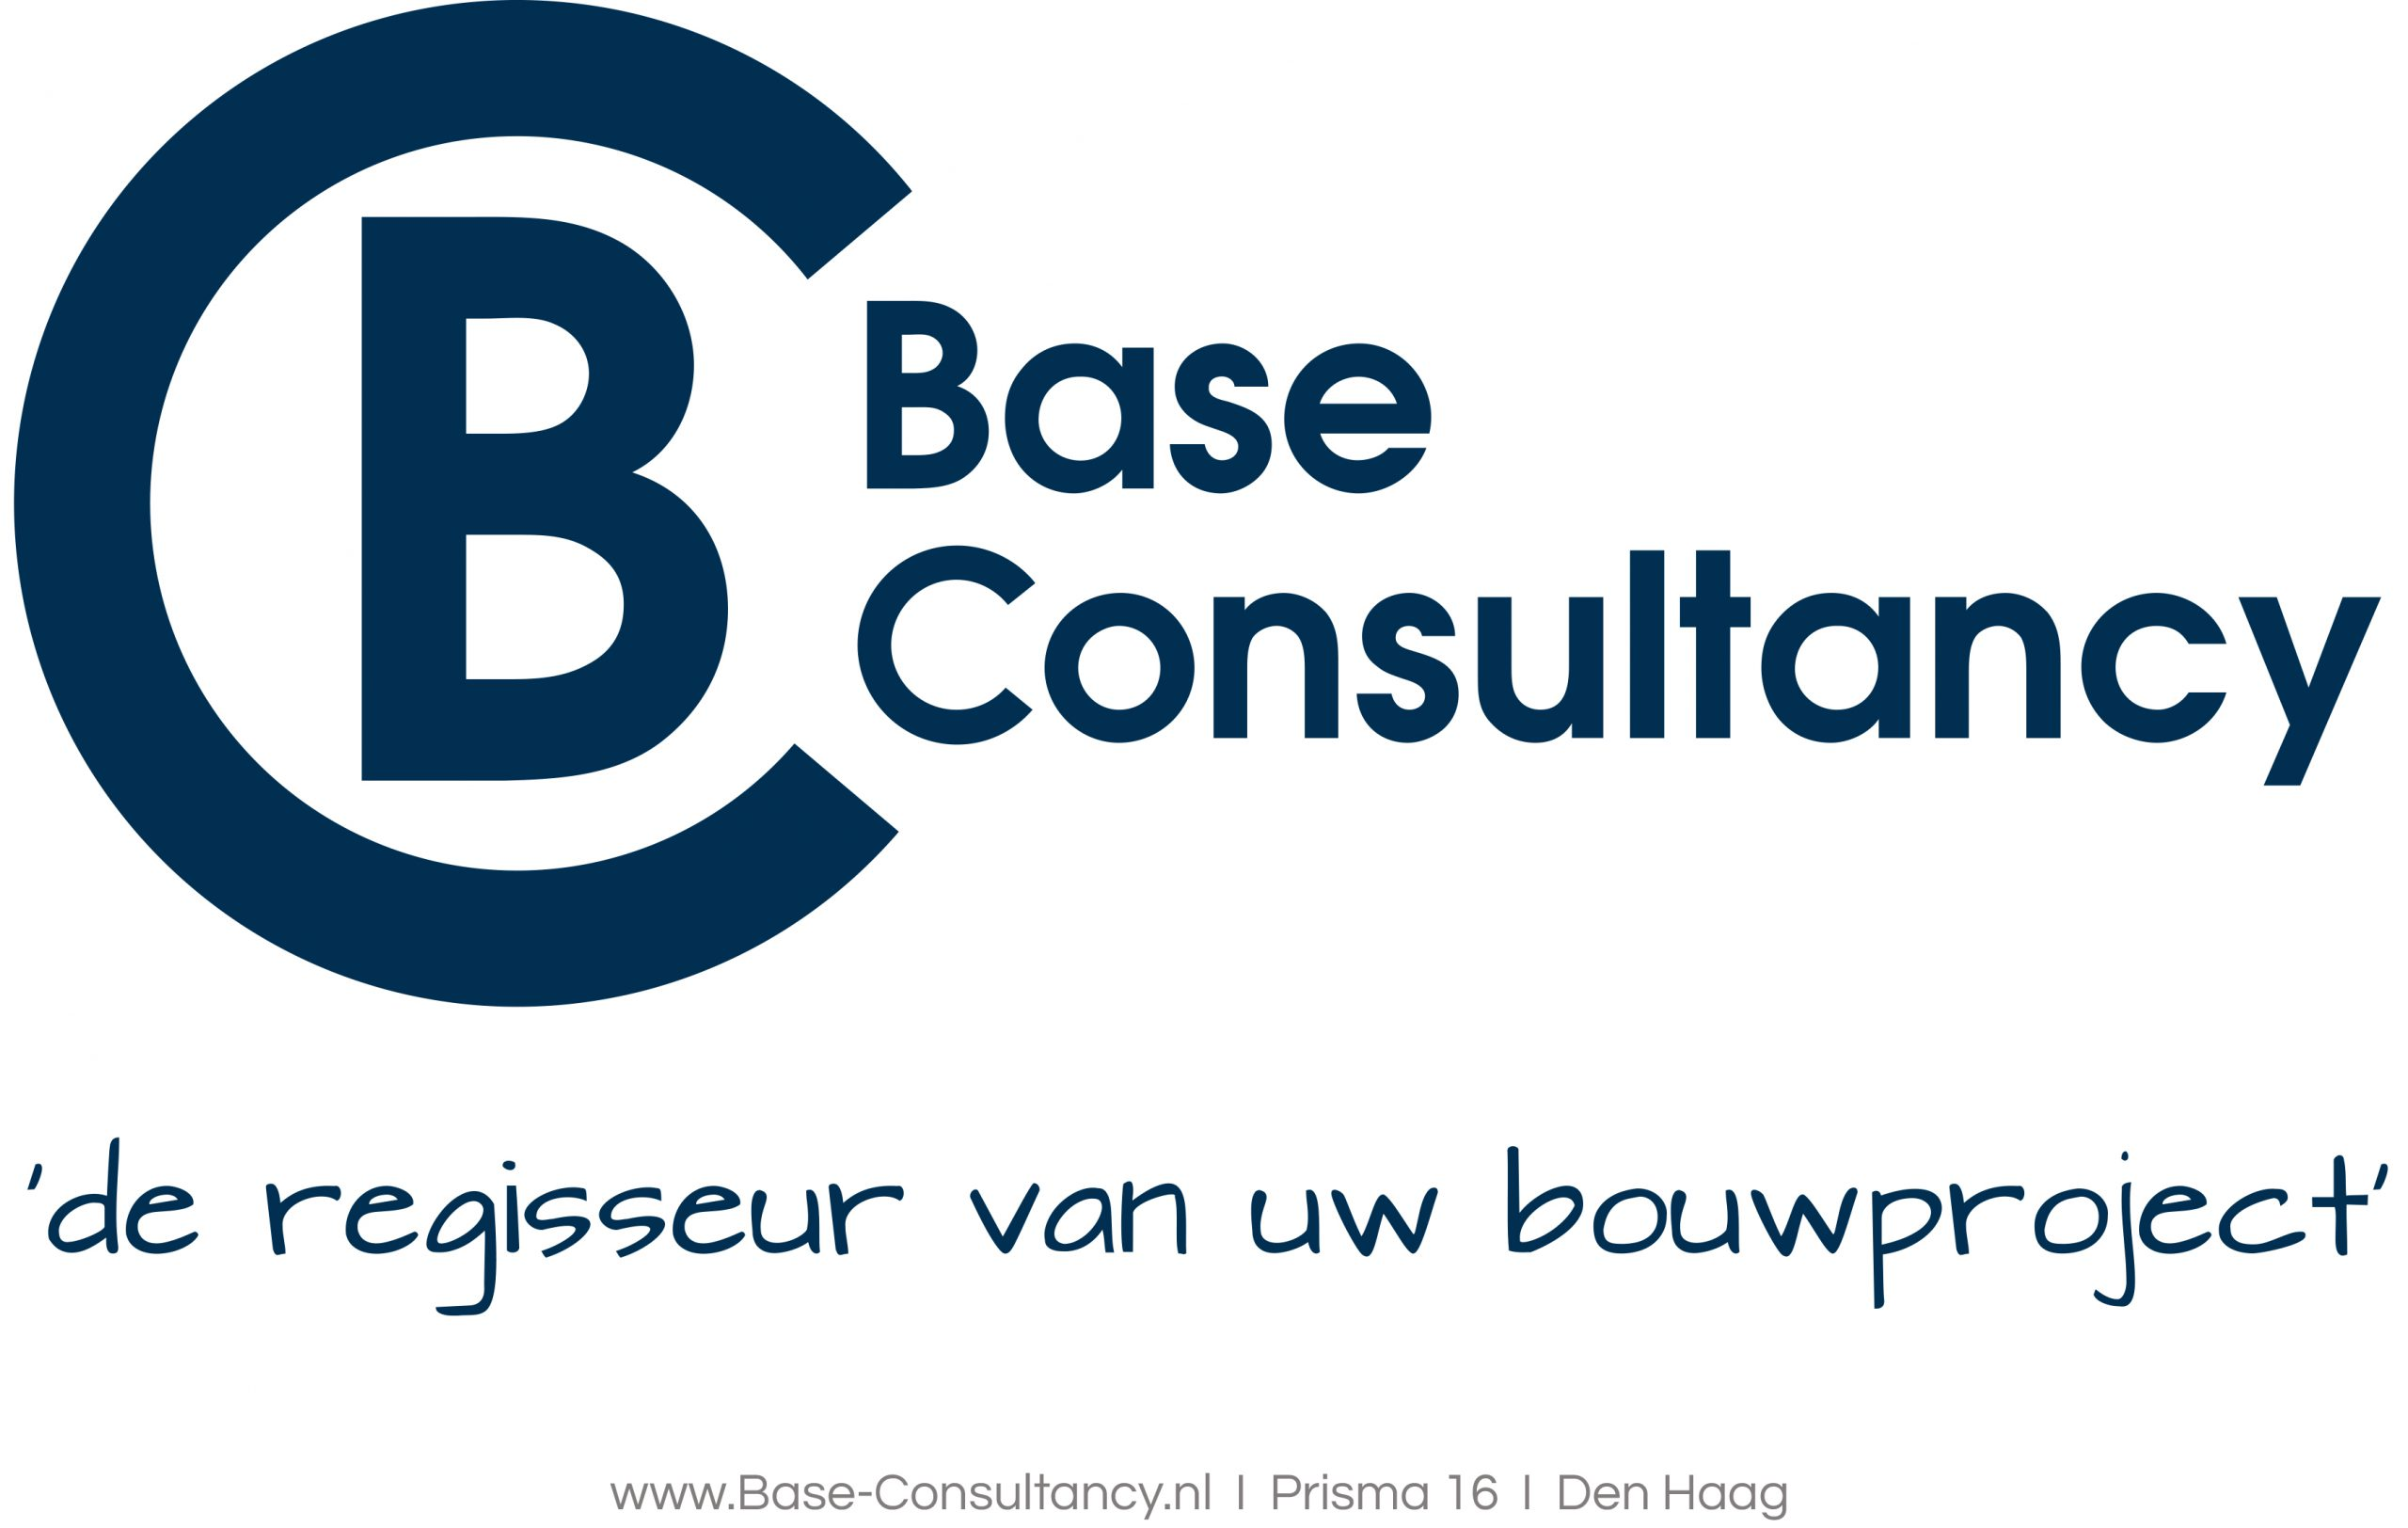 Logo Base Blauw op transparant met regisseur en URL